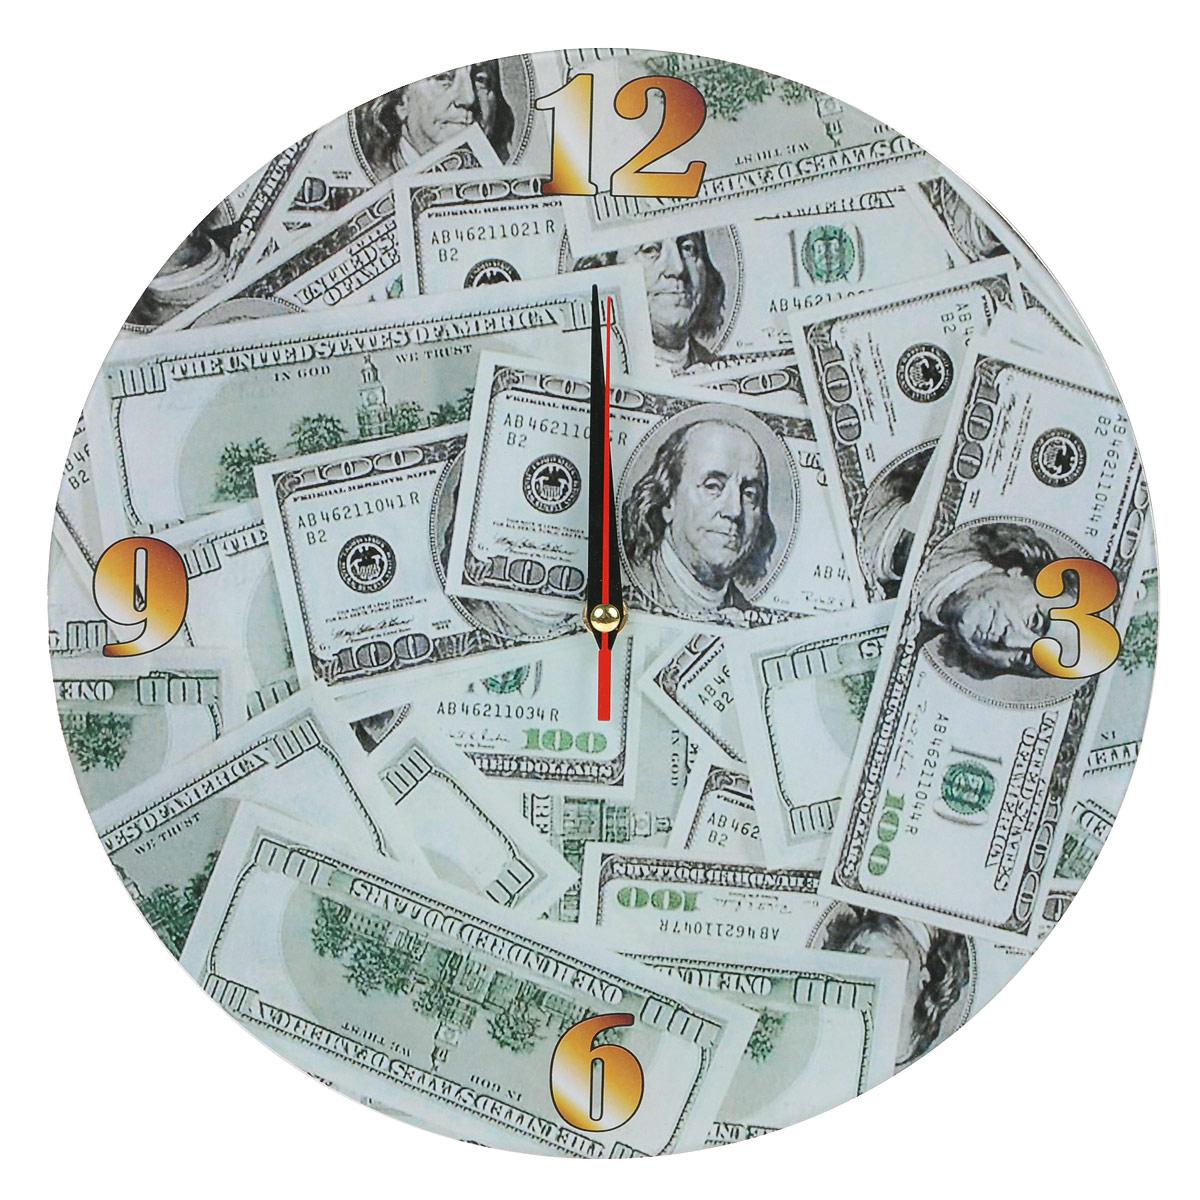 Часы настенные Доллары, стеклянные, цвет: зеленый. 9530595305Оригинальные настенные часы Доллары круглой формы выполнены из стекла и оформлены изображением долларов. Часы имеют три стрелки - часовую, минутную и секундную. Циферблат часов не защищен. Необычное дизайнерское решение и качество исполнения придутся по вкусу каждому.Оформите свой дом таким интерьерным аксессуаром или преподнесите его в качестве презента друзьям, и они оценят ваш оригинальный вкус и неординарность подарка. Характеристики:Материал: пластик, стекло. Диаметр: 28 см. Работают от батарейки типа АА (в комплект не входит).